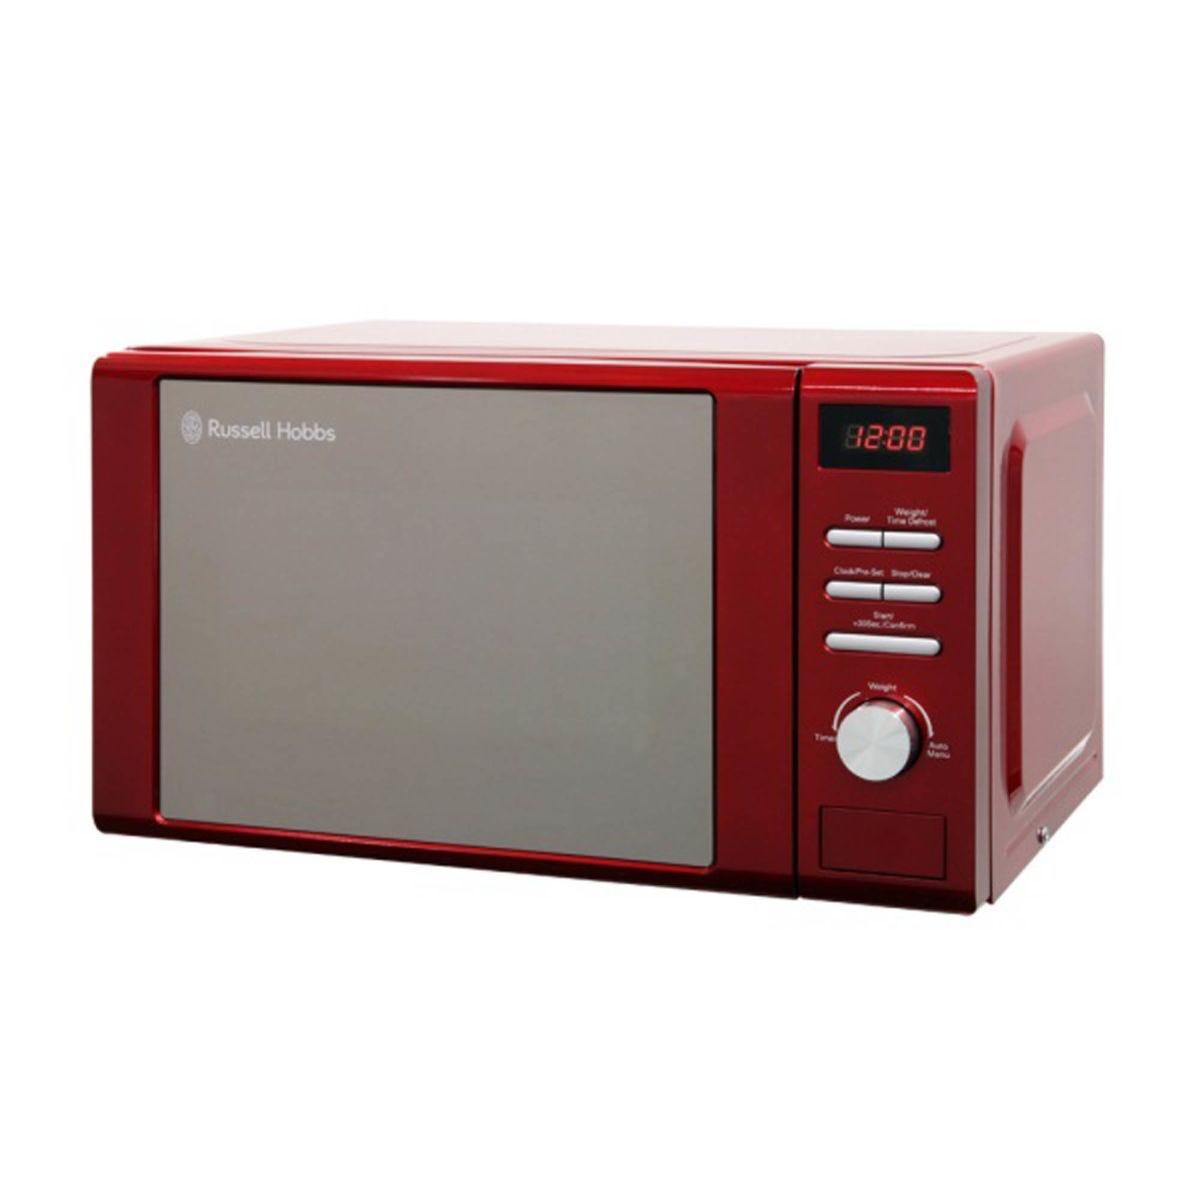 Russell Hobbs 20L Digital Microwave